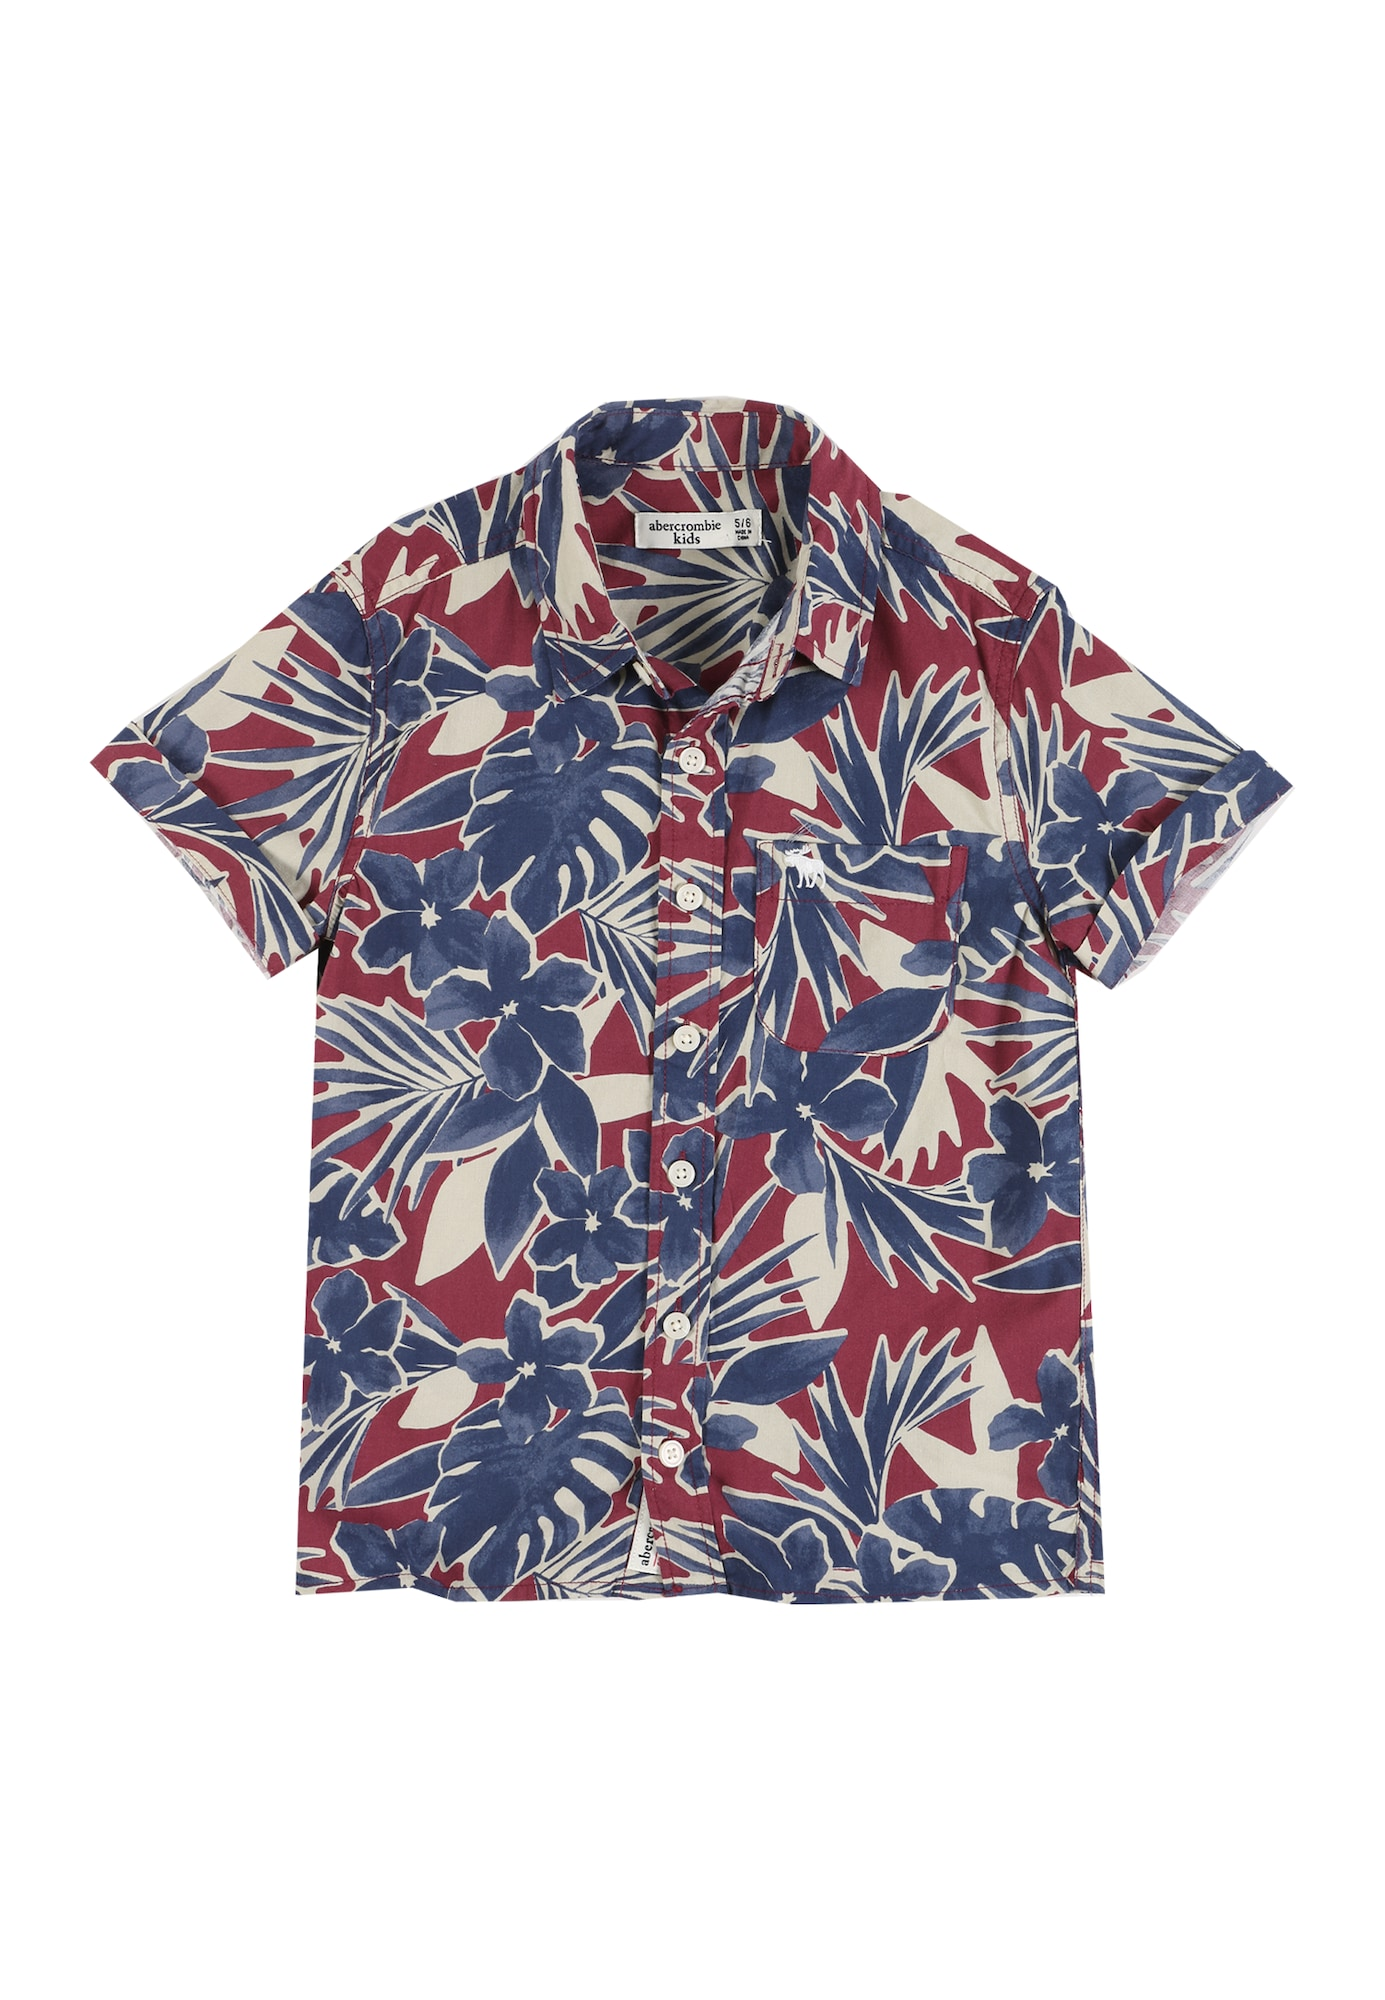 Abercrombie & Fitch Dalykiniai marškiniai mišrios spalvos